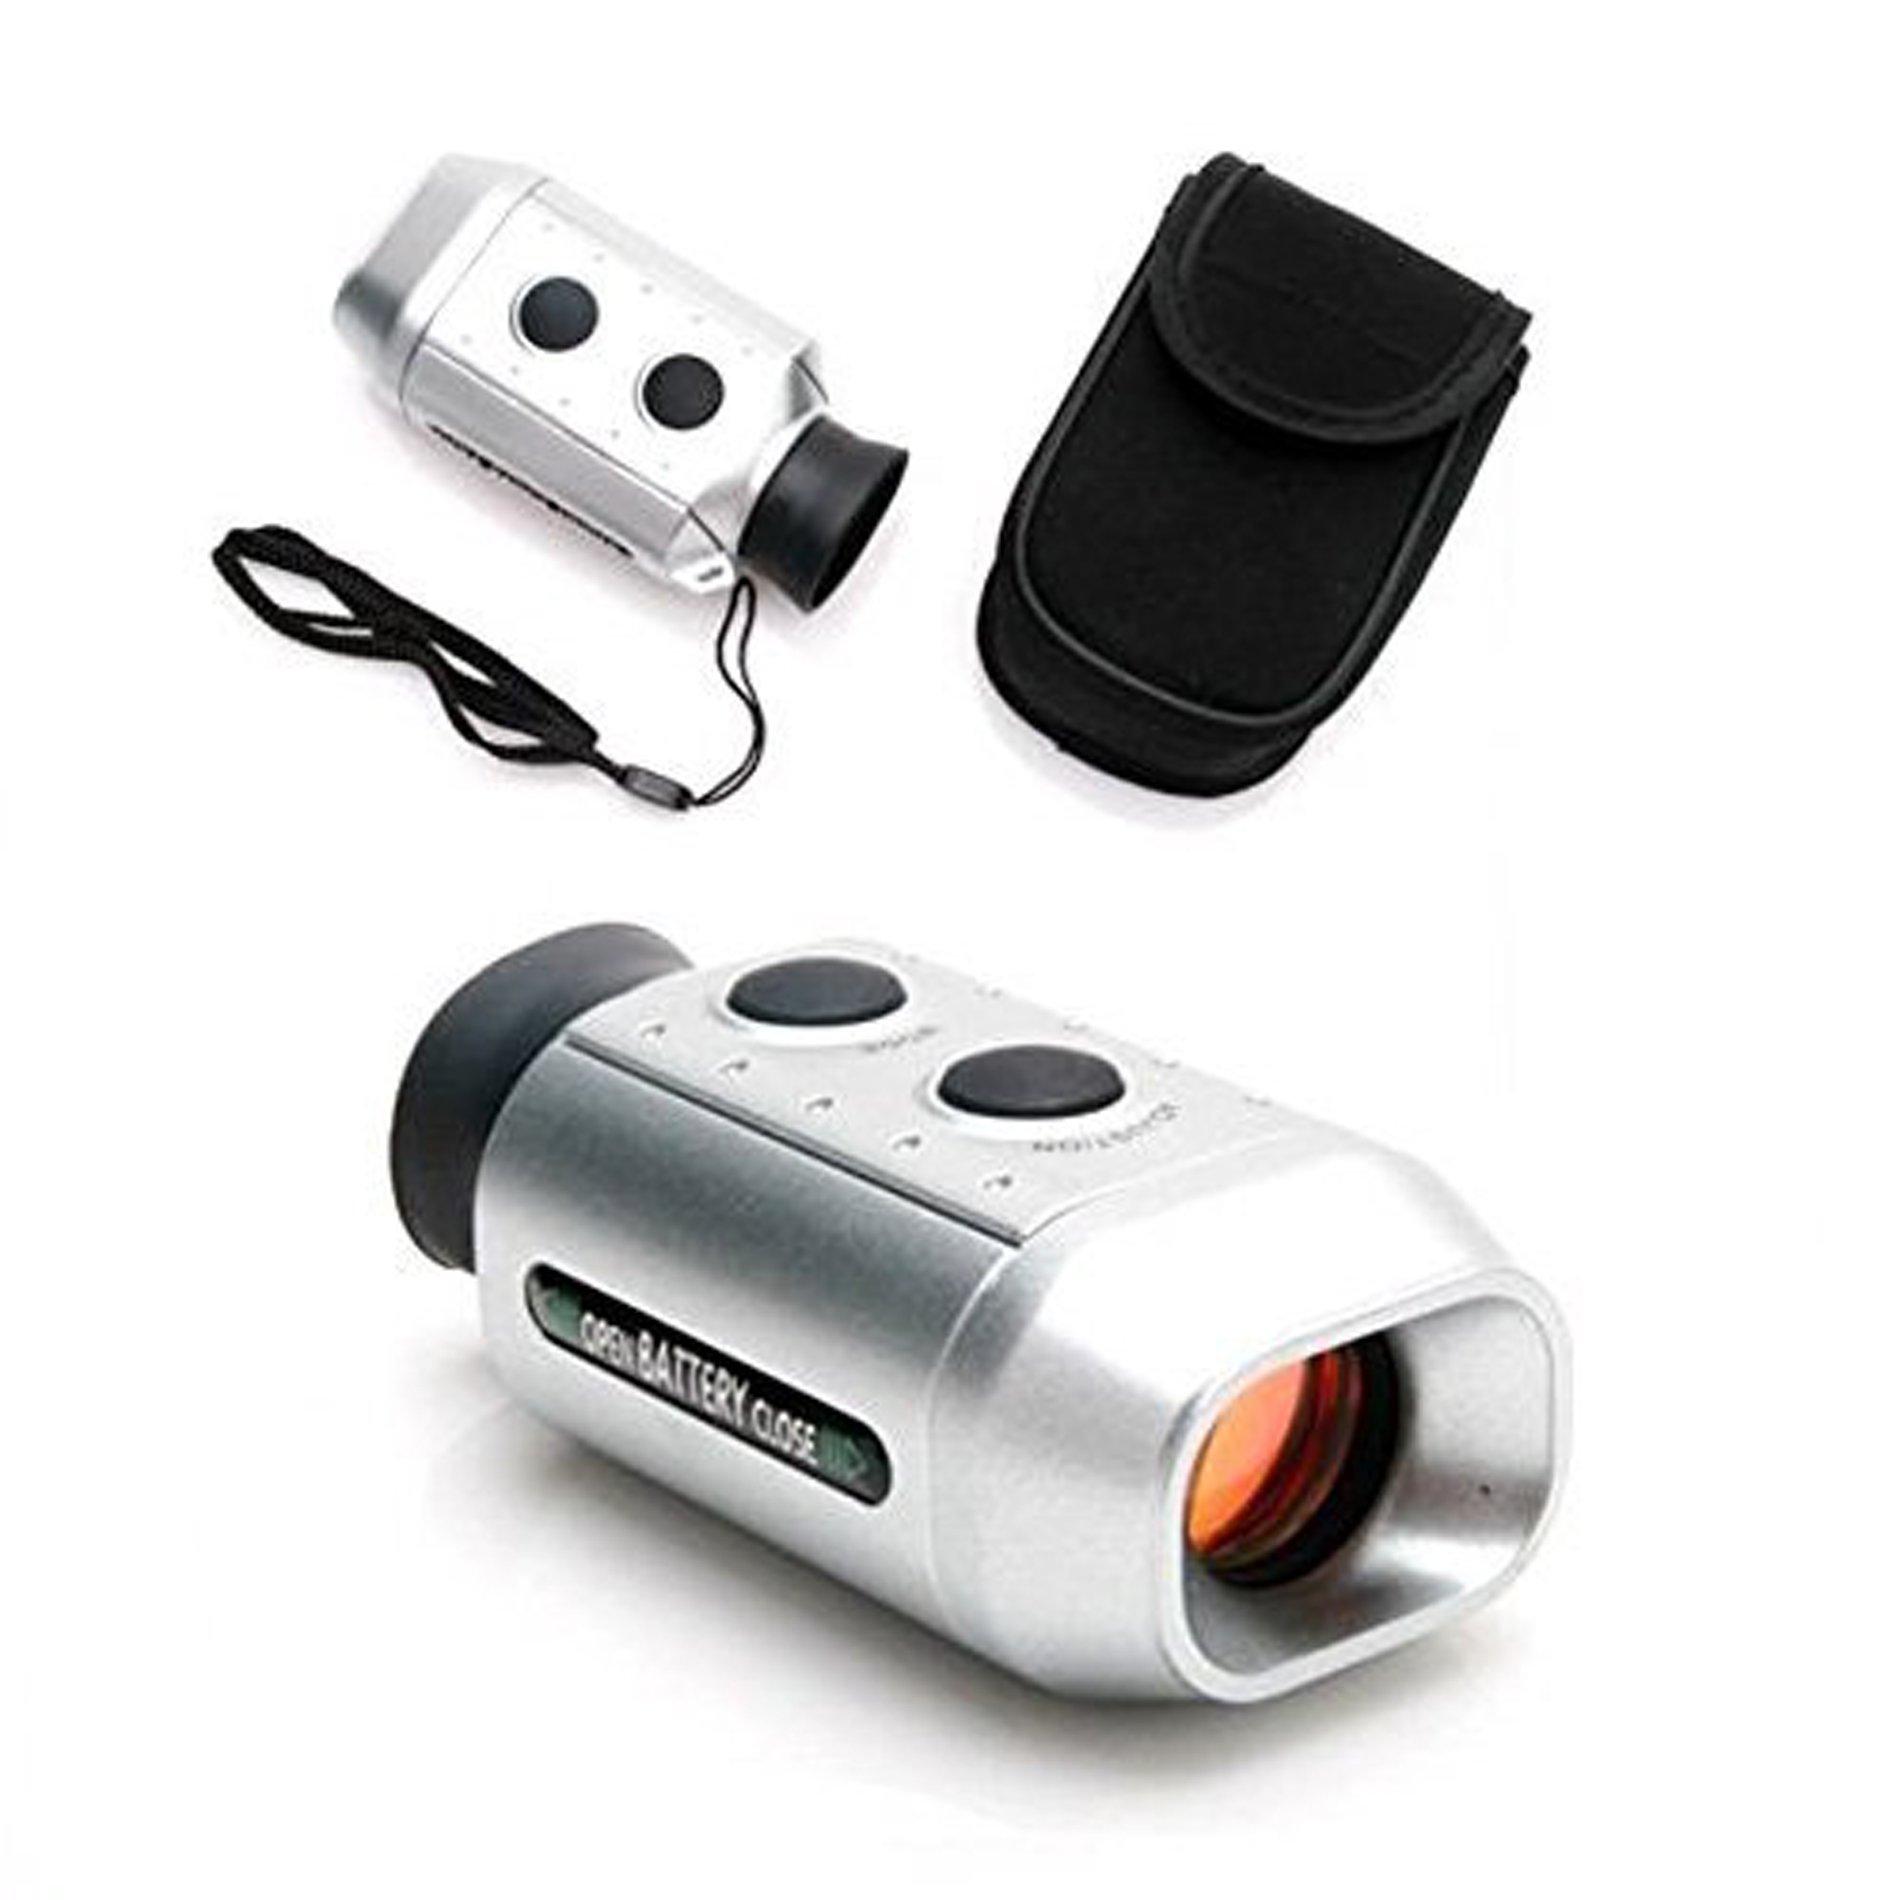 POSMA GF200 Golf Rangefinder Scope Digital Pocket 7x Zoom Golf Range Finder Magnification Distance Measurer by IDS Home (Image #8)